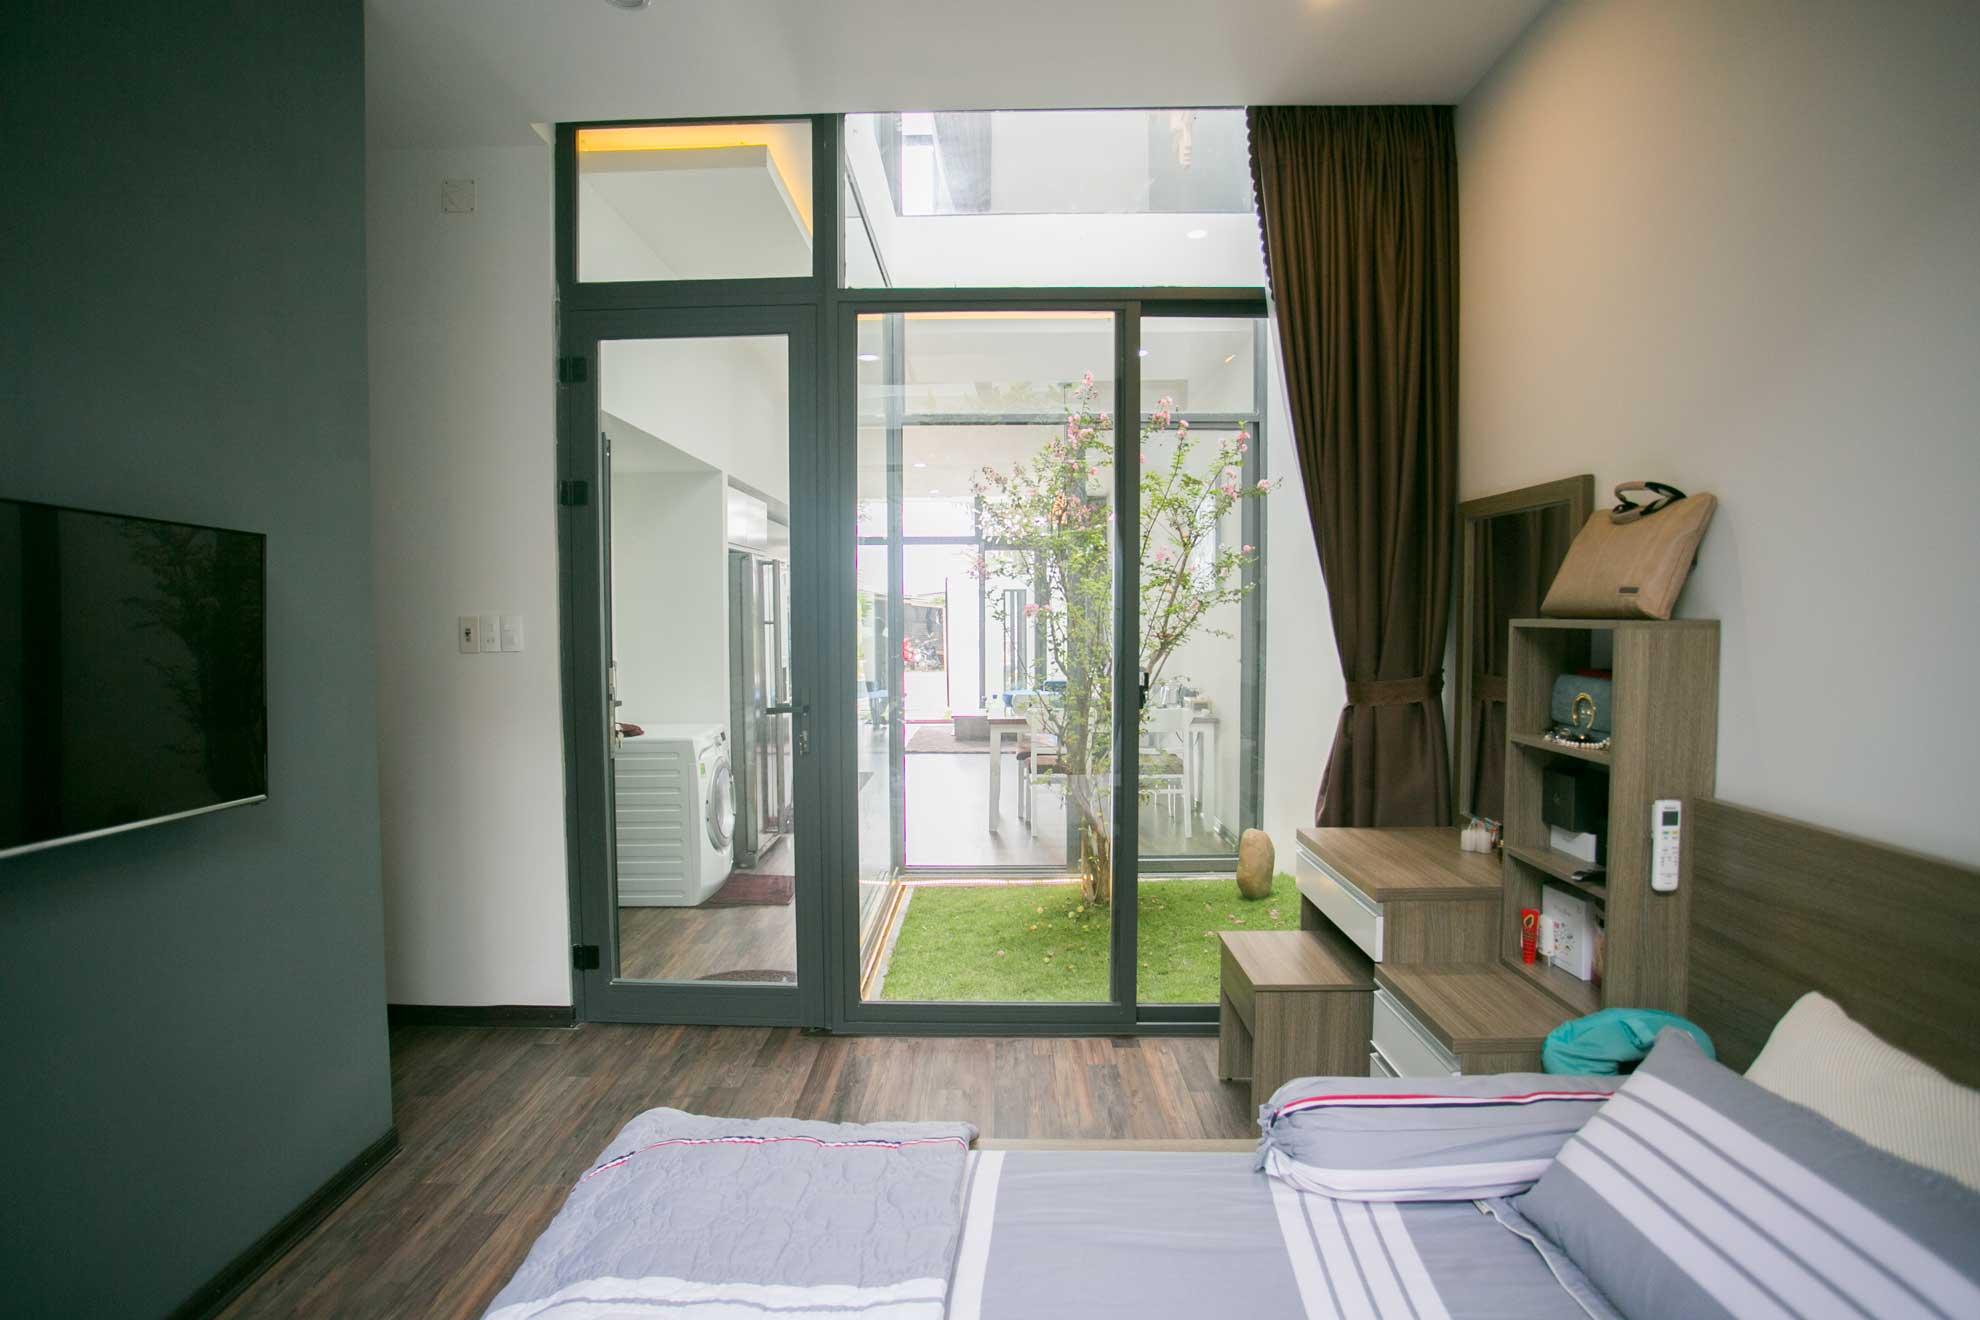 thiết kế Nhà tại Đà Nẵng BAO'S HOUSE 7 1551172107